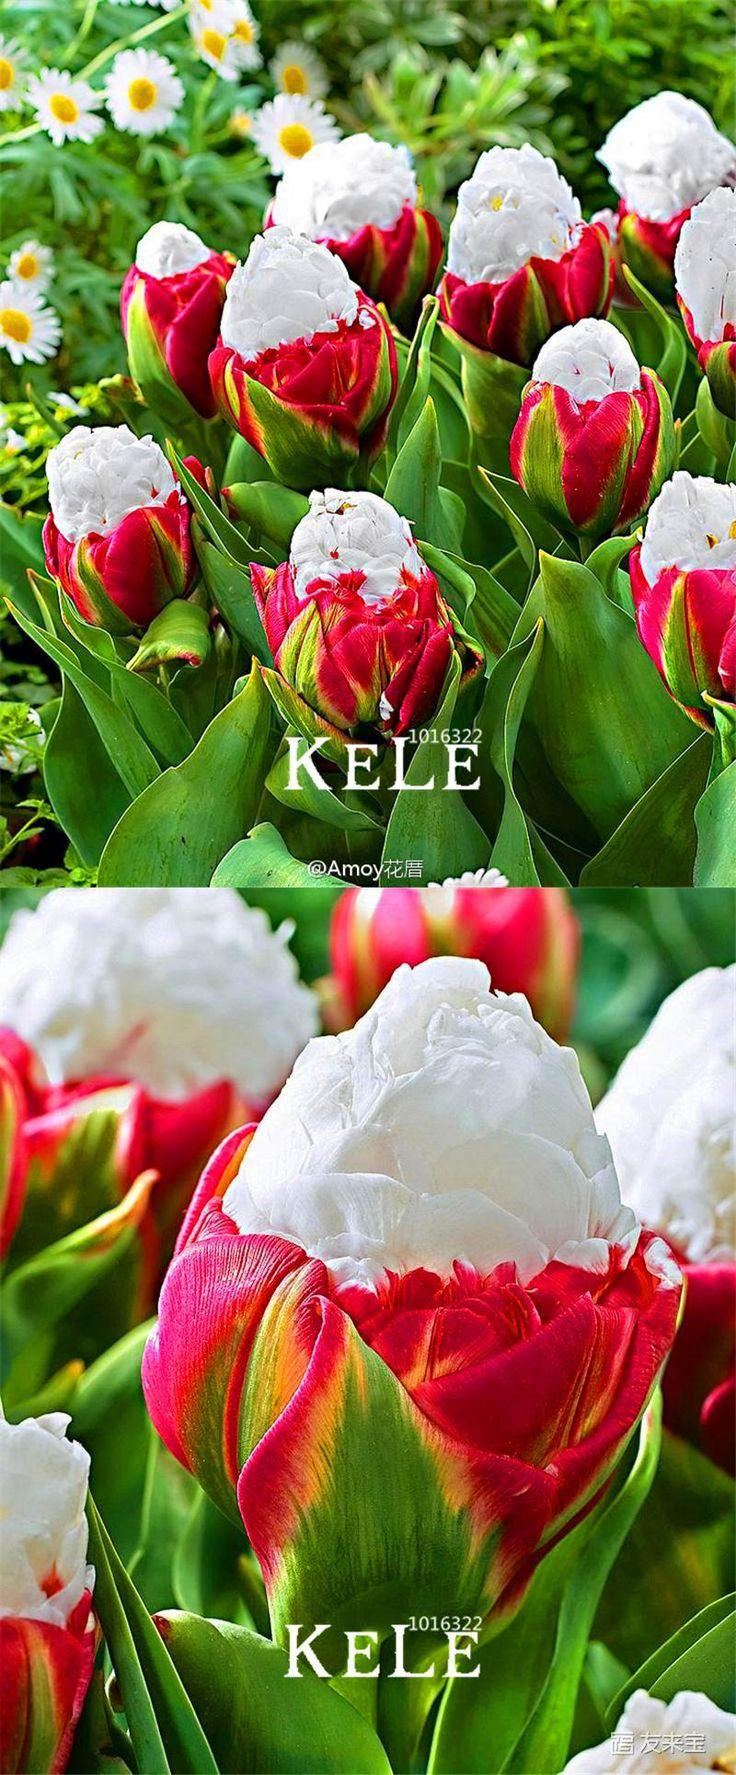 [Visit to Buy] Time-Limit!!10 PCS/Bag Cabbage Rare tulip seeds. Very rare flower seeds garden bonsai potted plants,sementes de flores ,#WQB7Z7 #Advertisement